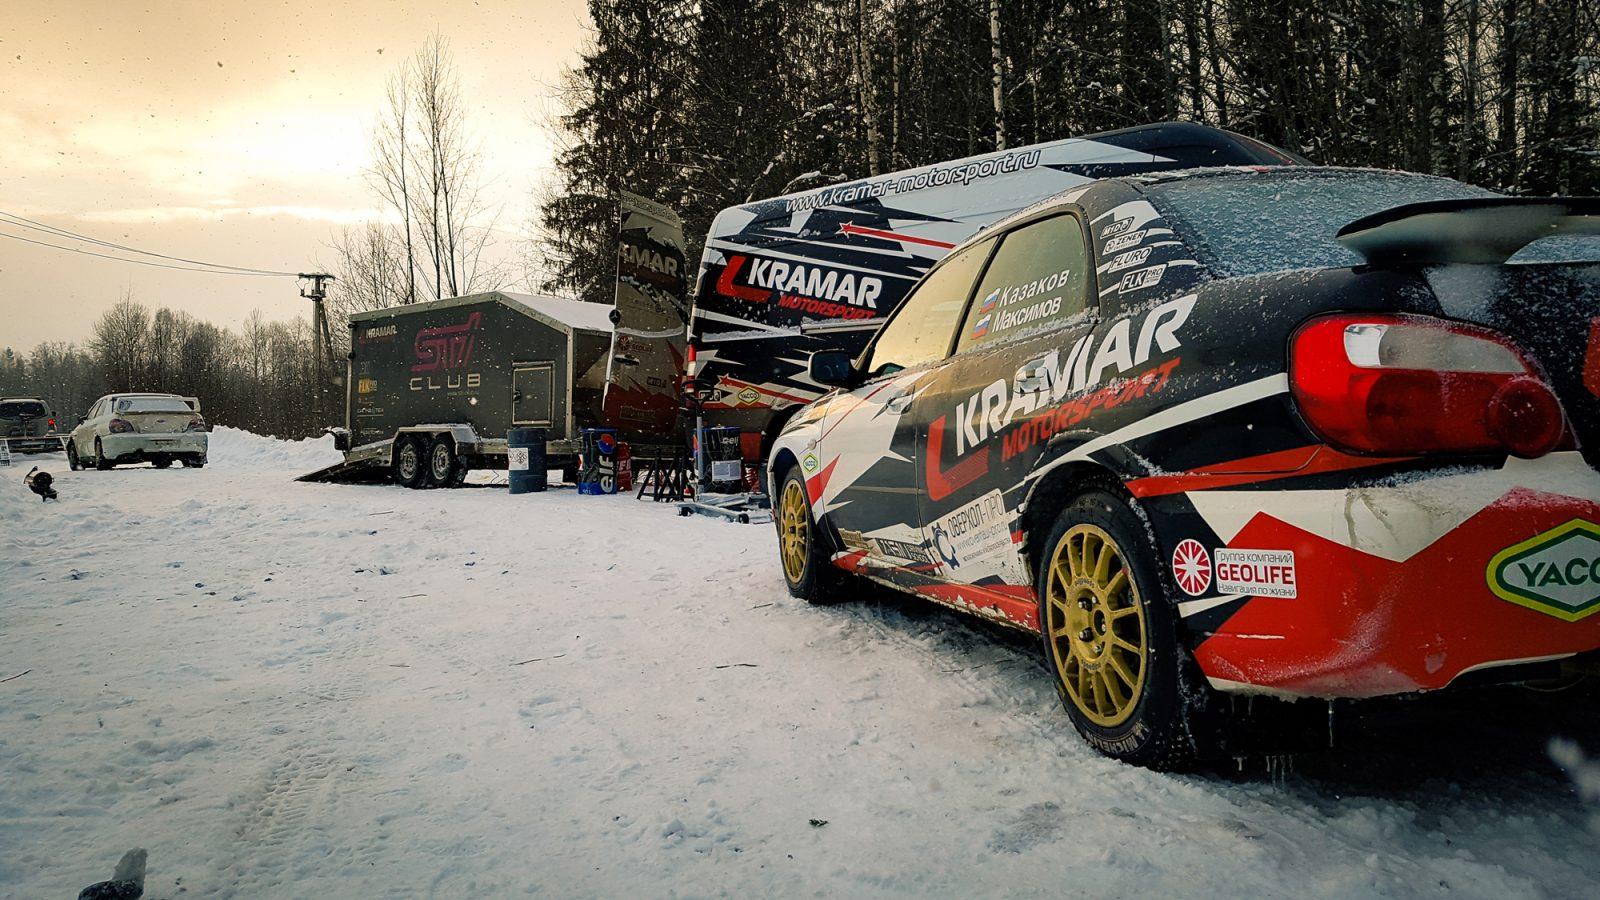 РАЛЛИ ПЕНО 2017 kramar-motorsport Subaru